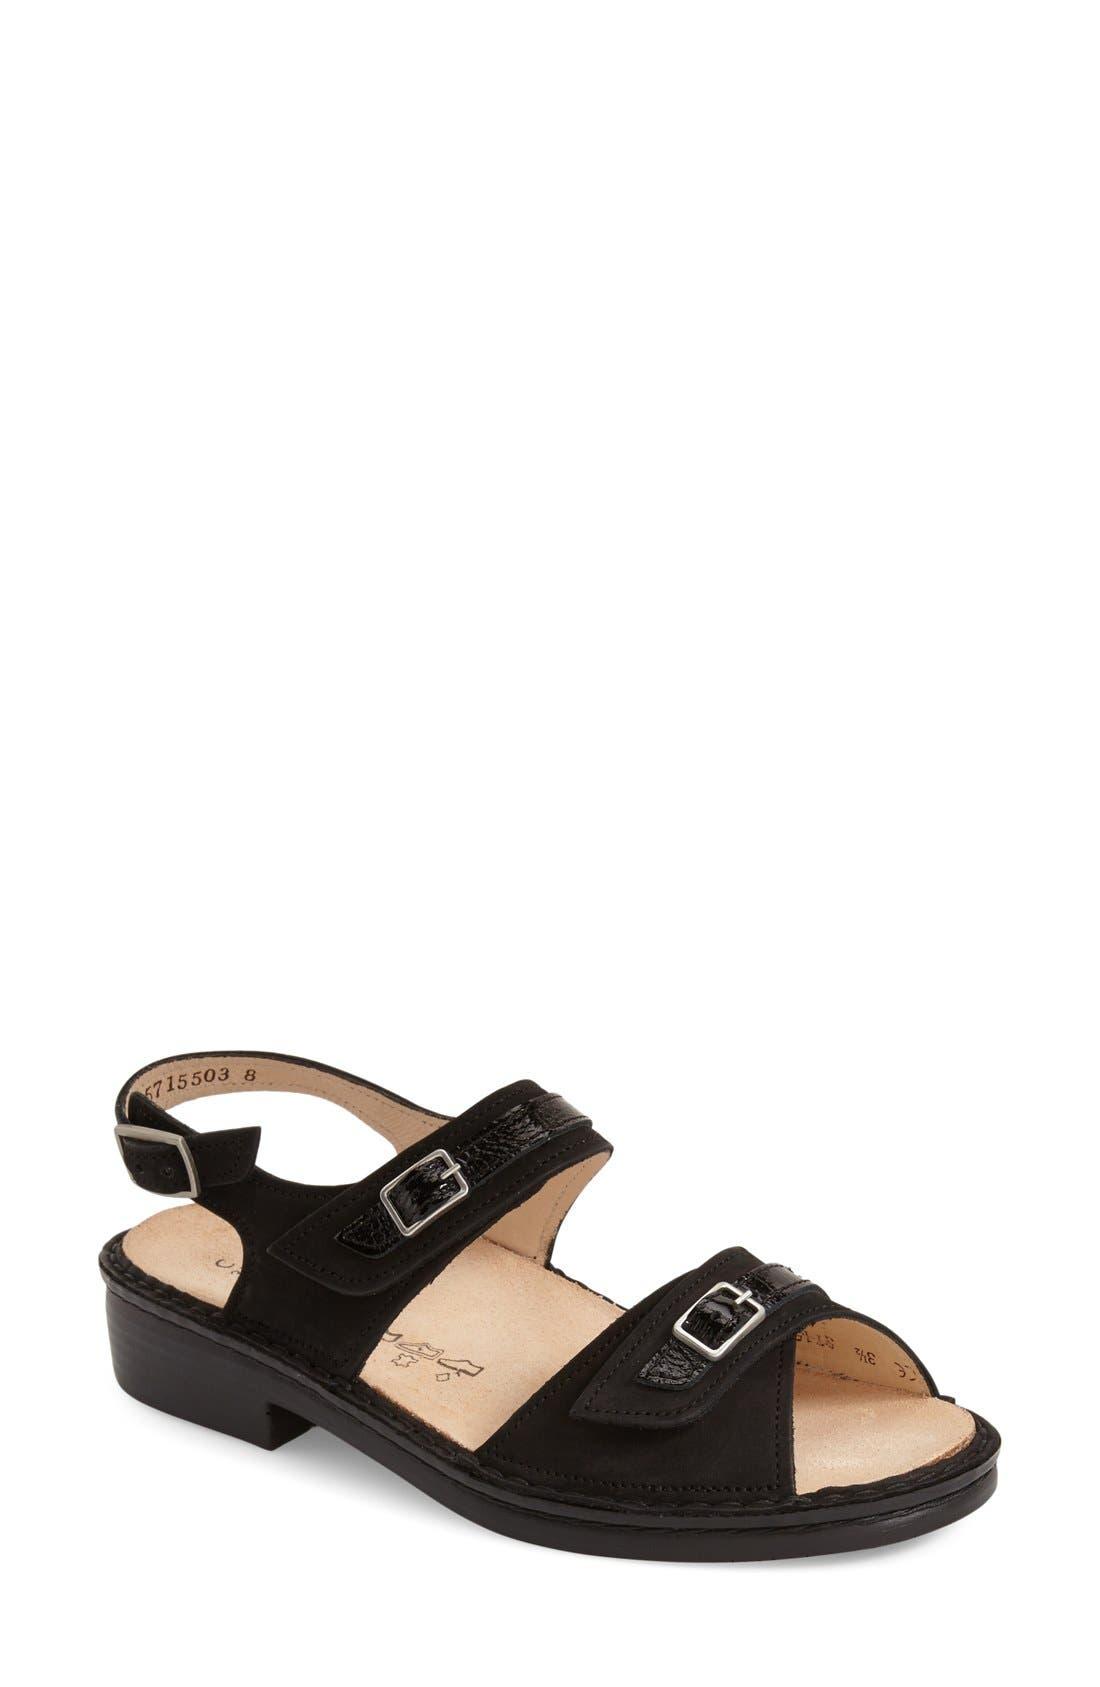 FINN COMFORT 'Sasso' Sandal